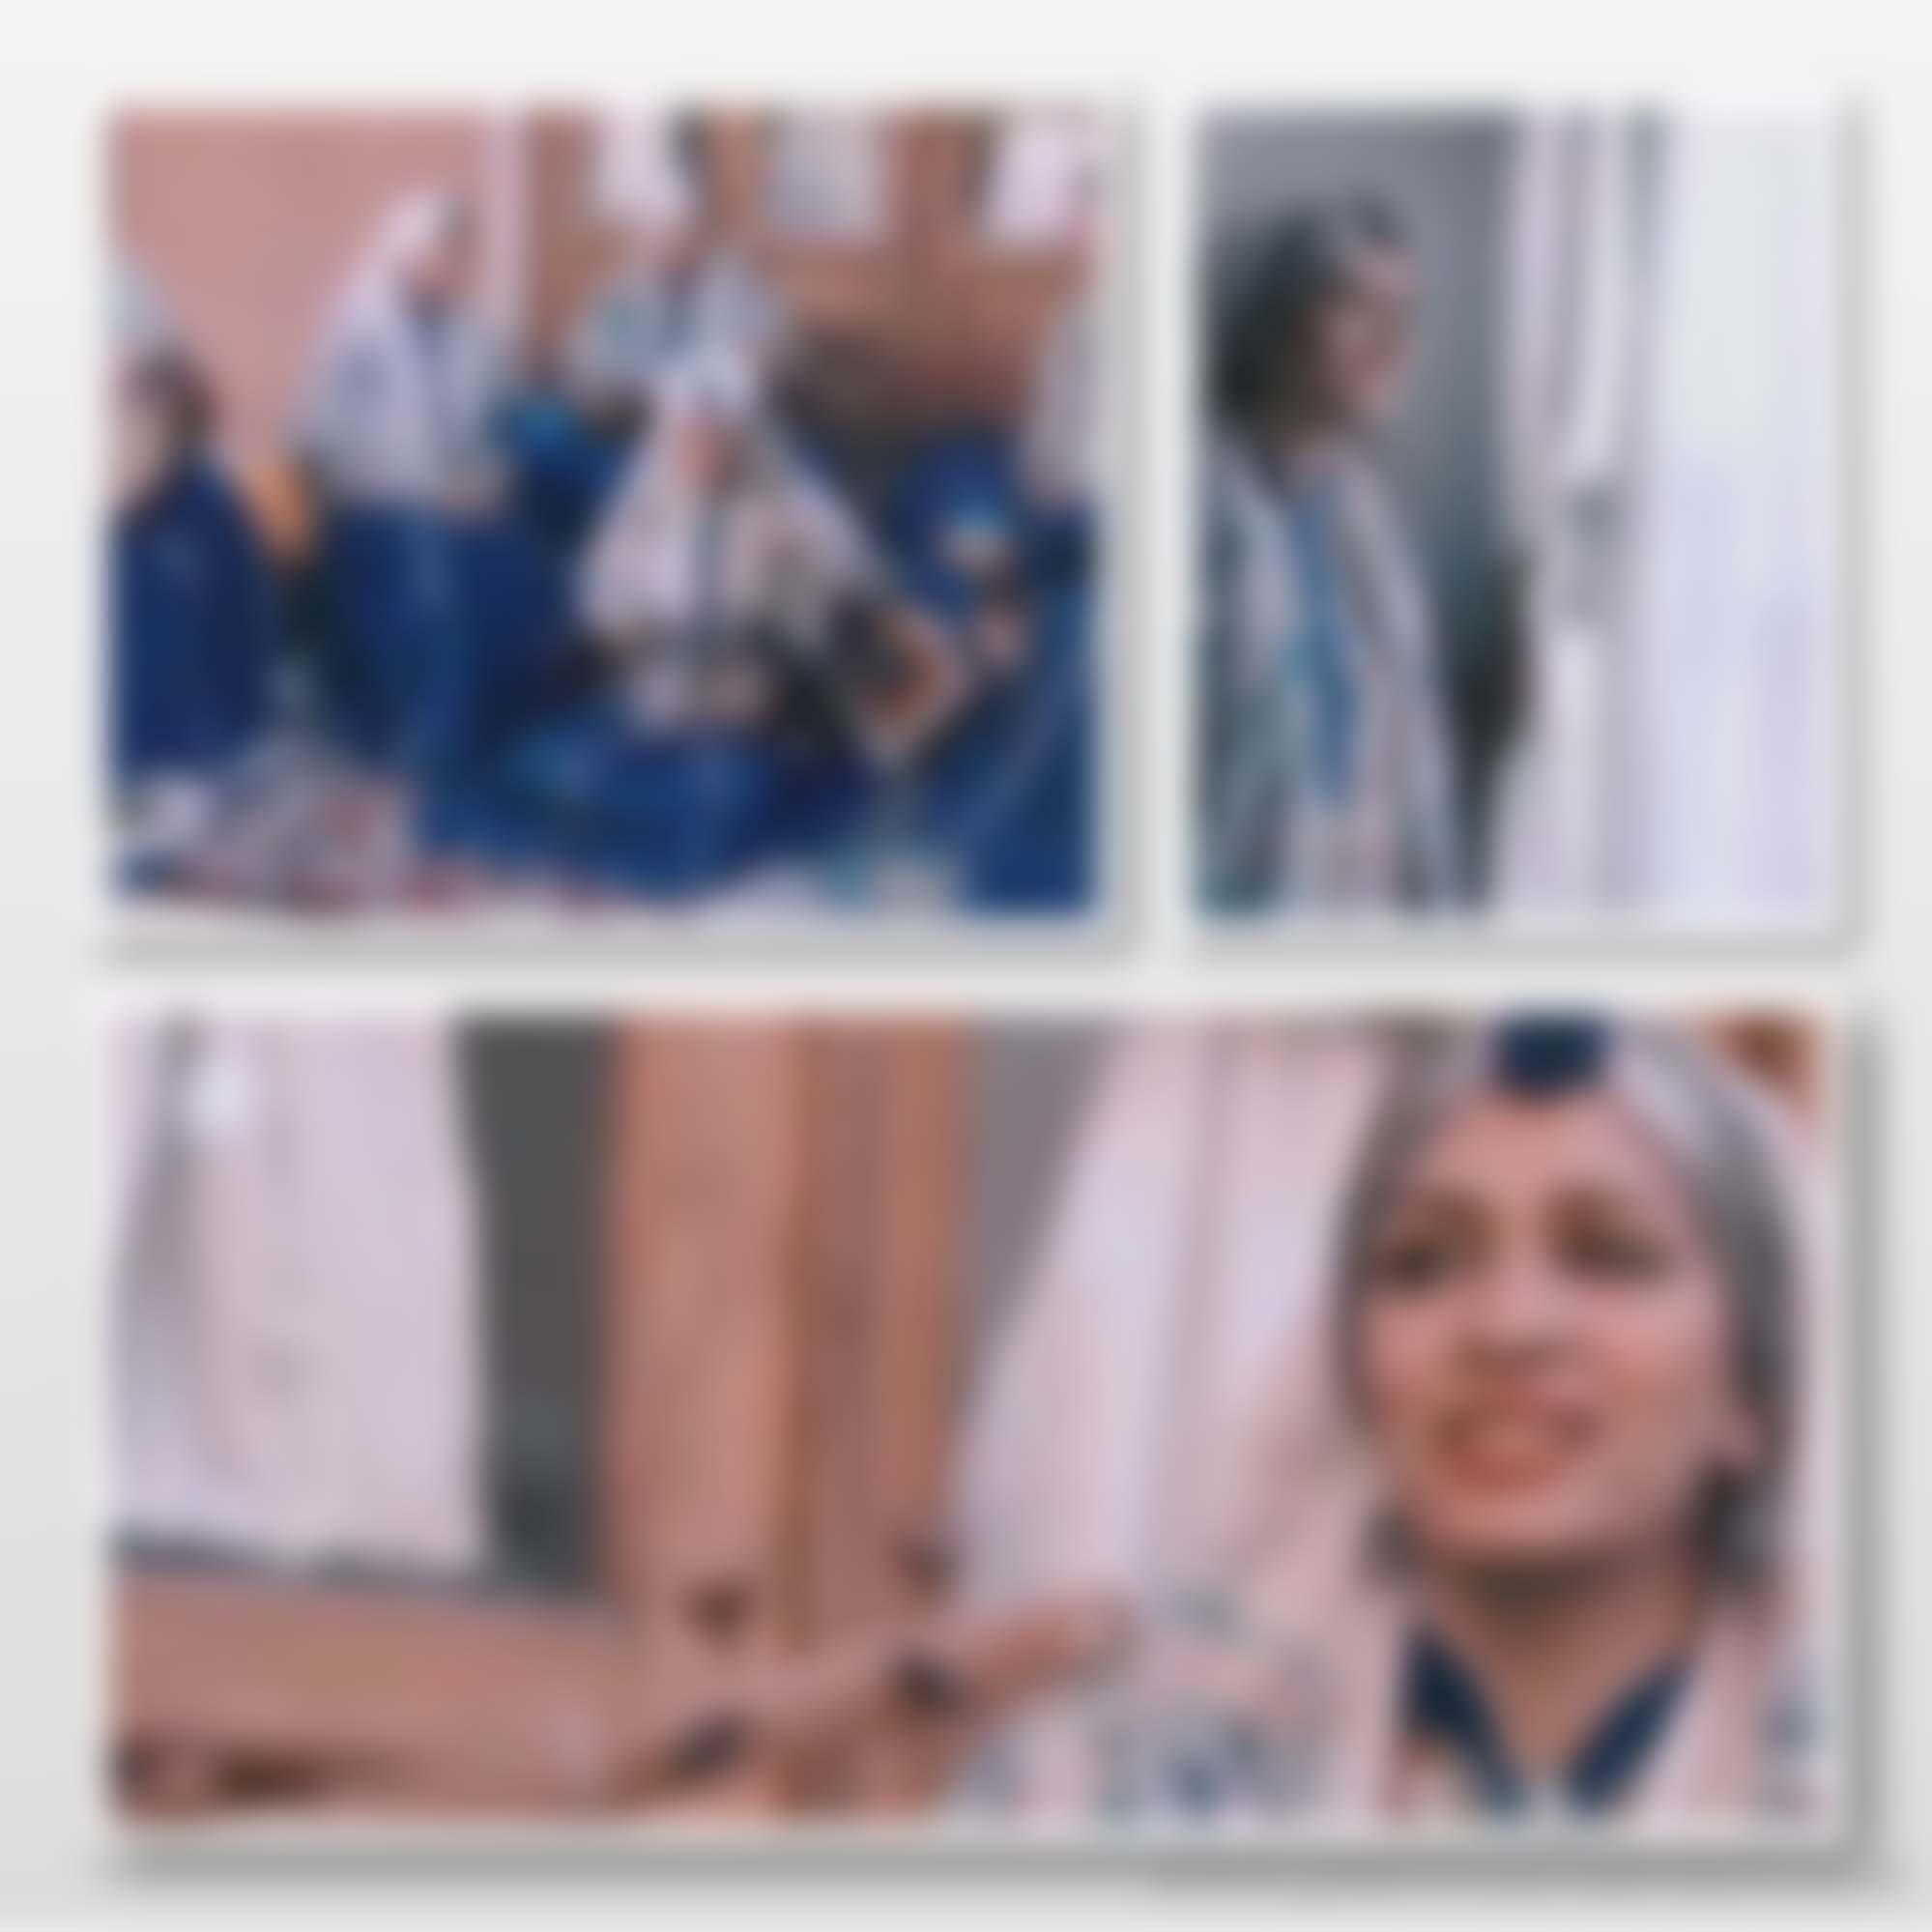 تکرار ناهنجاری زنان آوازهخوان در نجفآباد+تصاویر تکرار ناهنجاری زنان آوازهخوان در نجفآباد+تصاویر تکرار ناهنجاری زنان آوازهخوان در نجفآباد+تصاویر